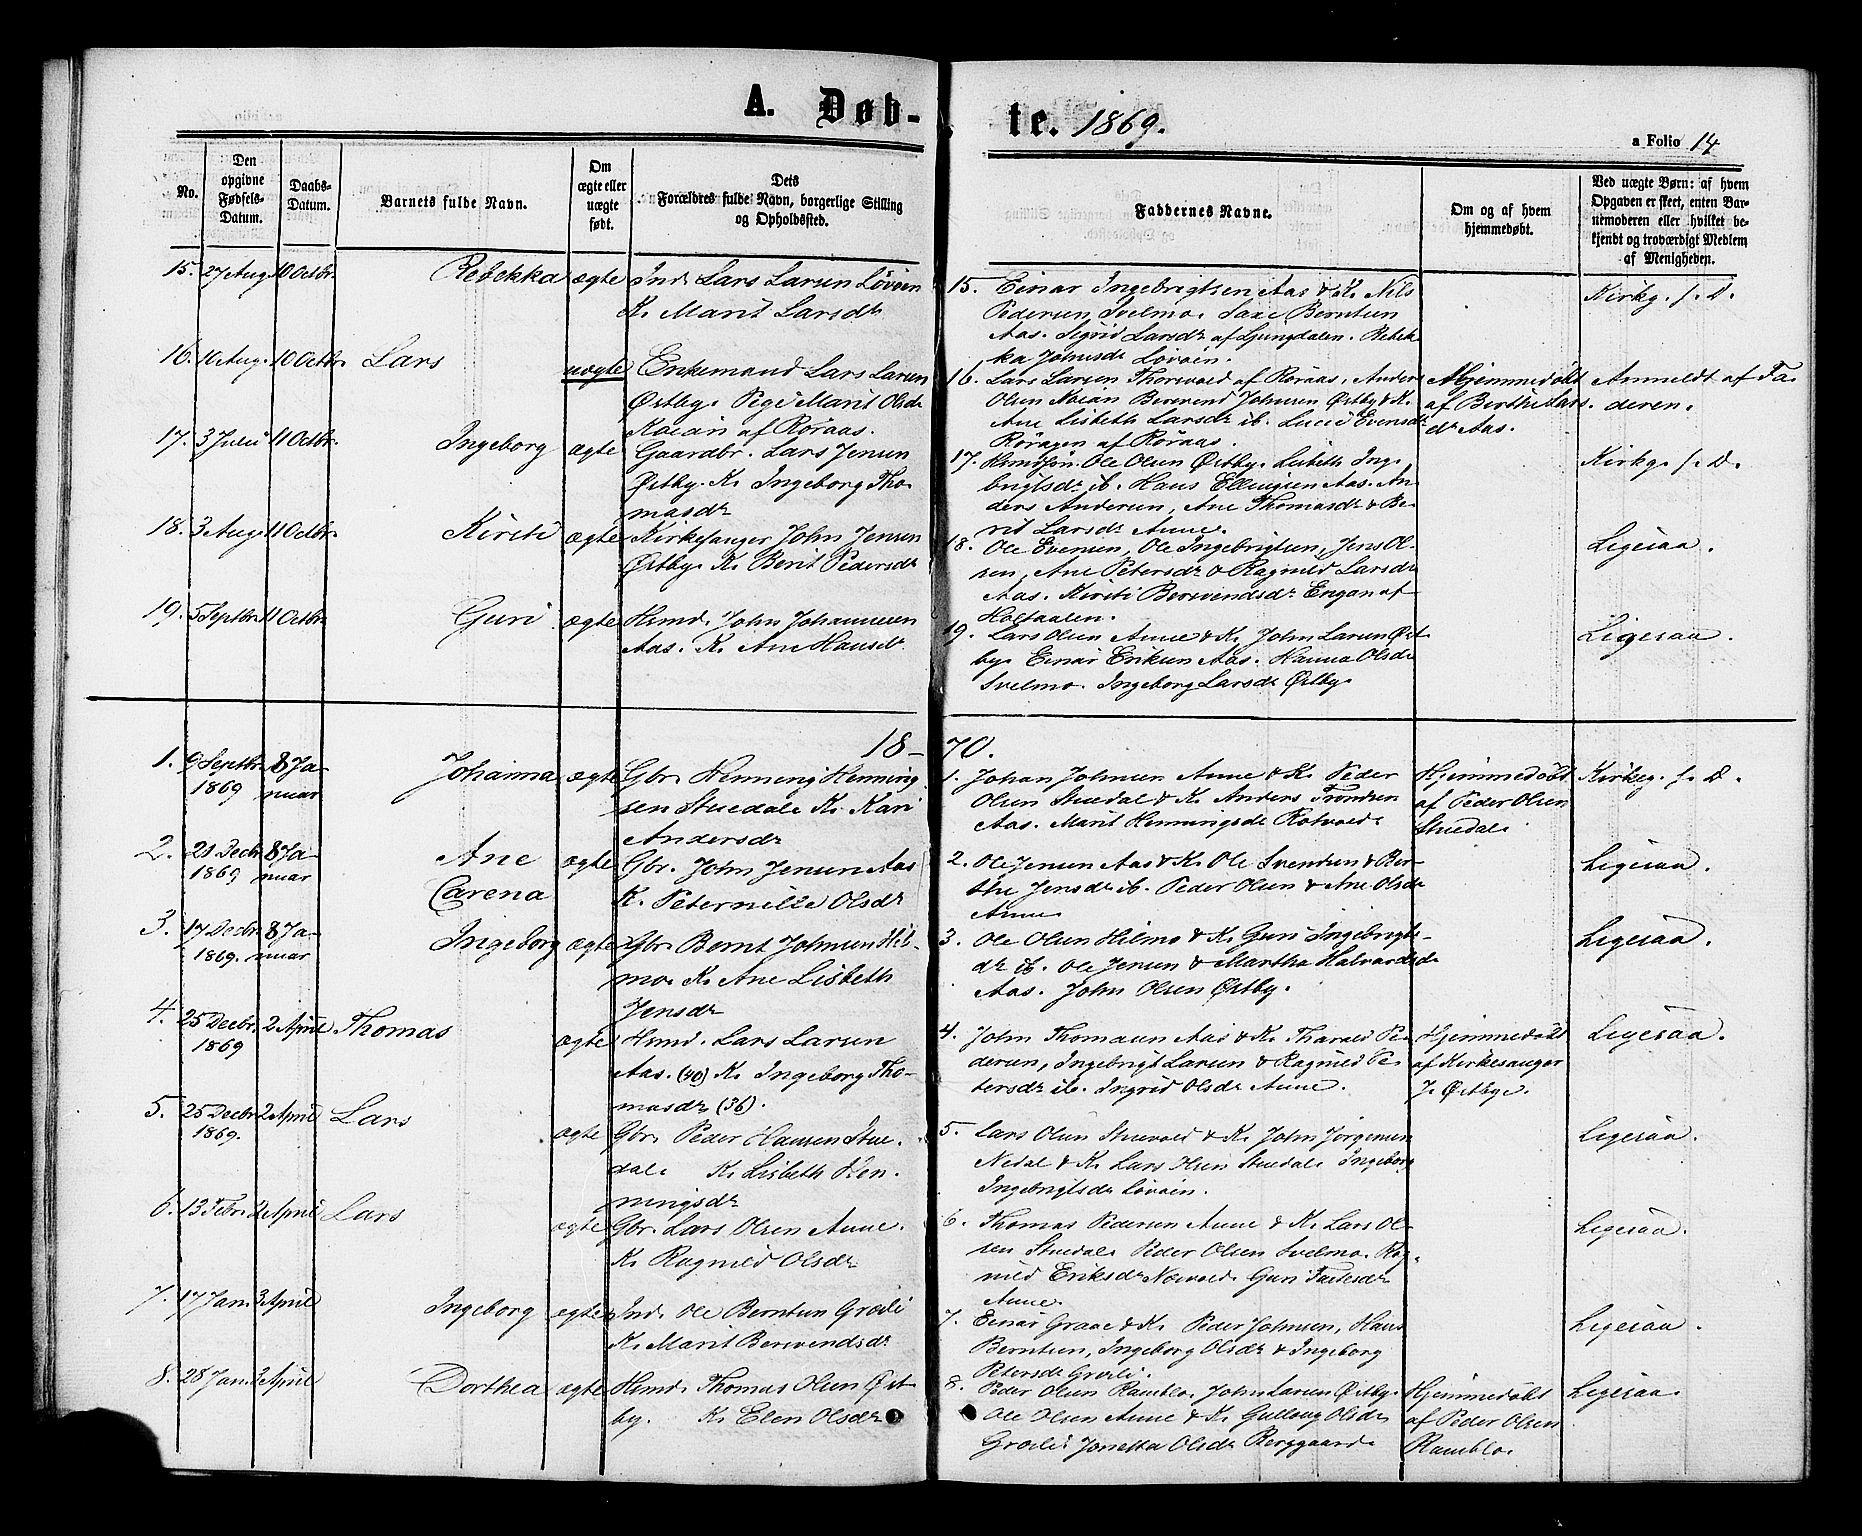 SAT, Ministerialprotokoller, klokkerbøker og fødselsregistre - Sør-Trøndelag, 698/L1163: Ministerialbok nr. 698A01, 1862-1887, s. 14